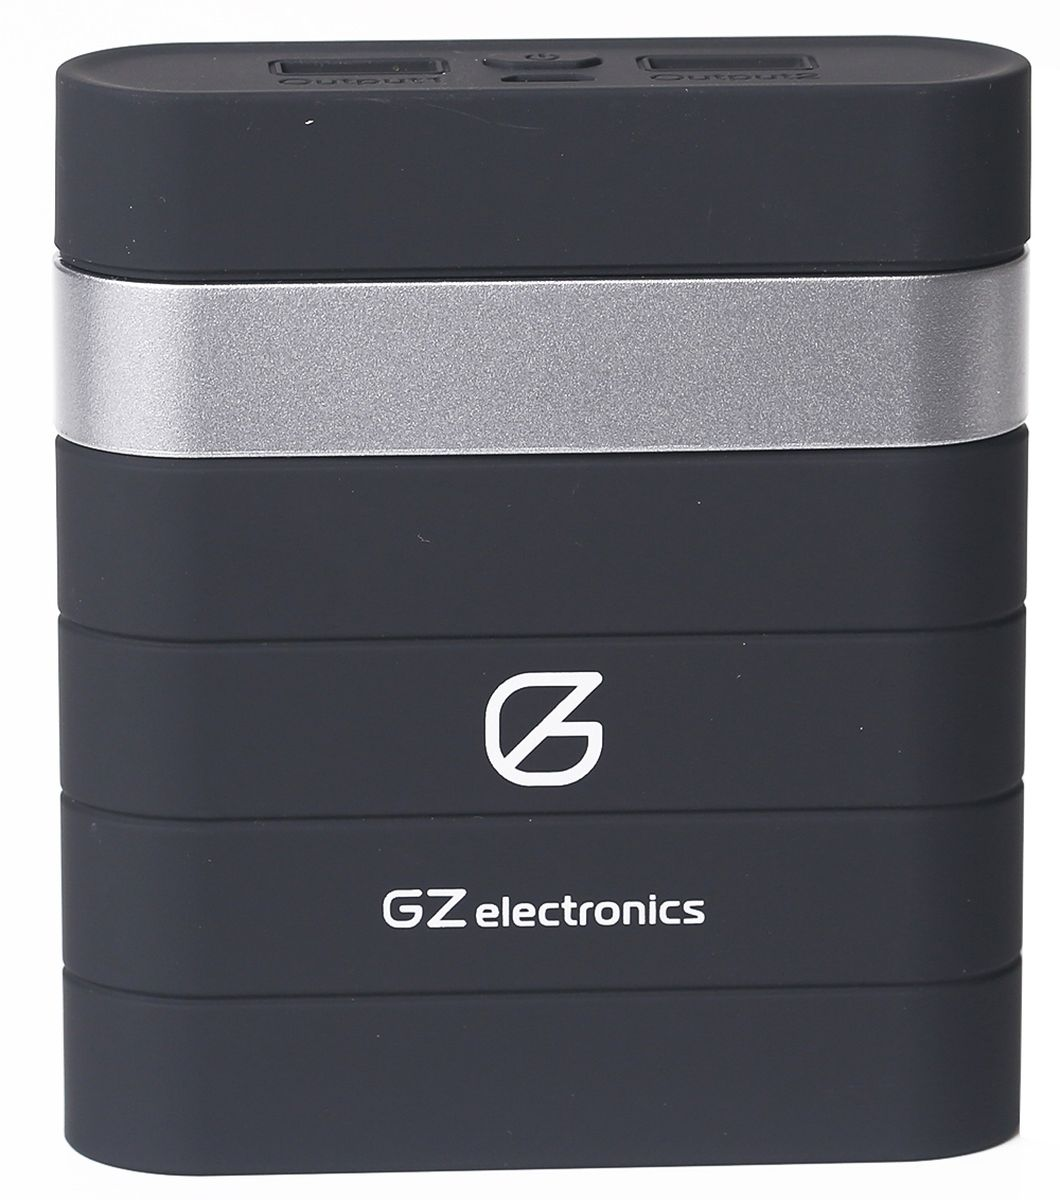 GZ electronics GZ-B10K внешний аккумулятор (10000 мАч)GZ-B10K(BK)Портативный аккумулятор (PowerBank) в корпусе Soft Touch, емкость батареи 10000 мАч, два порта USB, LED индикация уровня заряда, защита от замыканий, перегрузок, напряжения и перегрева, автоматическое отключение при 100% зарядке, время заряда аккумулятора 3,5 часа, полное напряжение батареи 4,15 – 4,2 В, режим заряда линейный, CC/CV, напряжение заряда 5 В ± 5%, выходное напряжение 5 В, выходной ток (работа) 2,1 А пост. тока, выходной ток (ожидание) 0,3 А пост. тока, в комплекте PowerBank, переходник Lightning, кабель microUSB, инструкция, гарантийный талон, материал: пластик